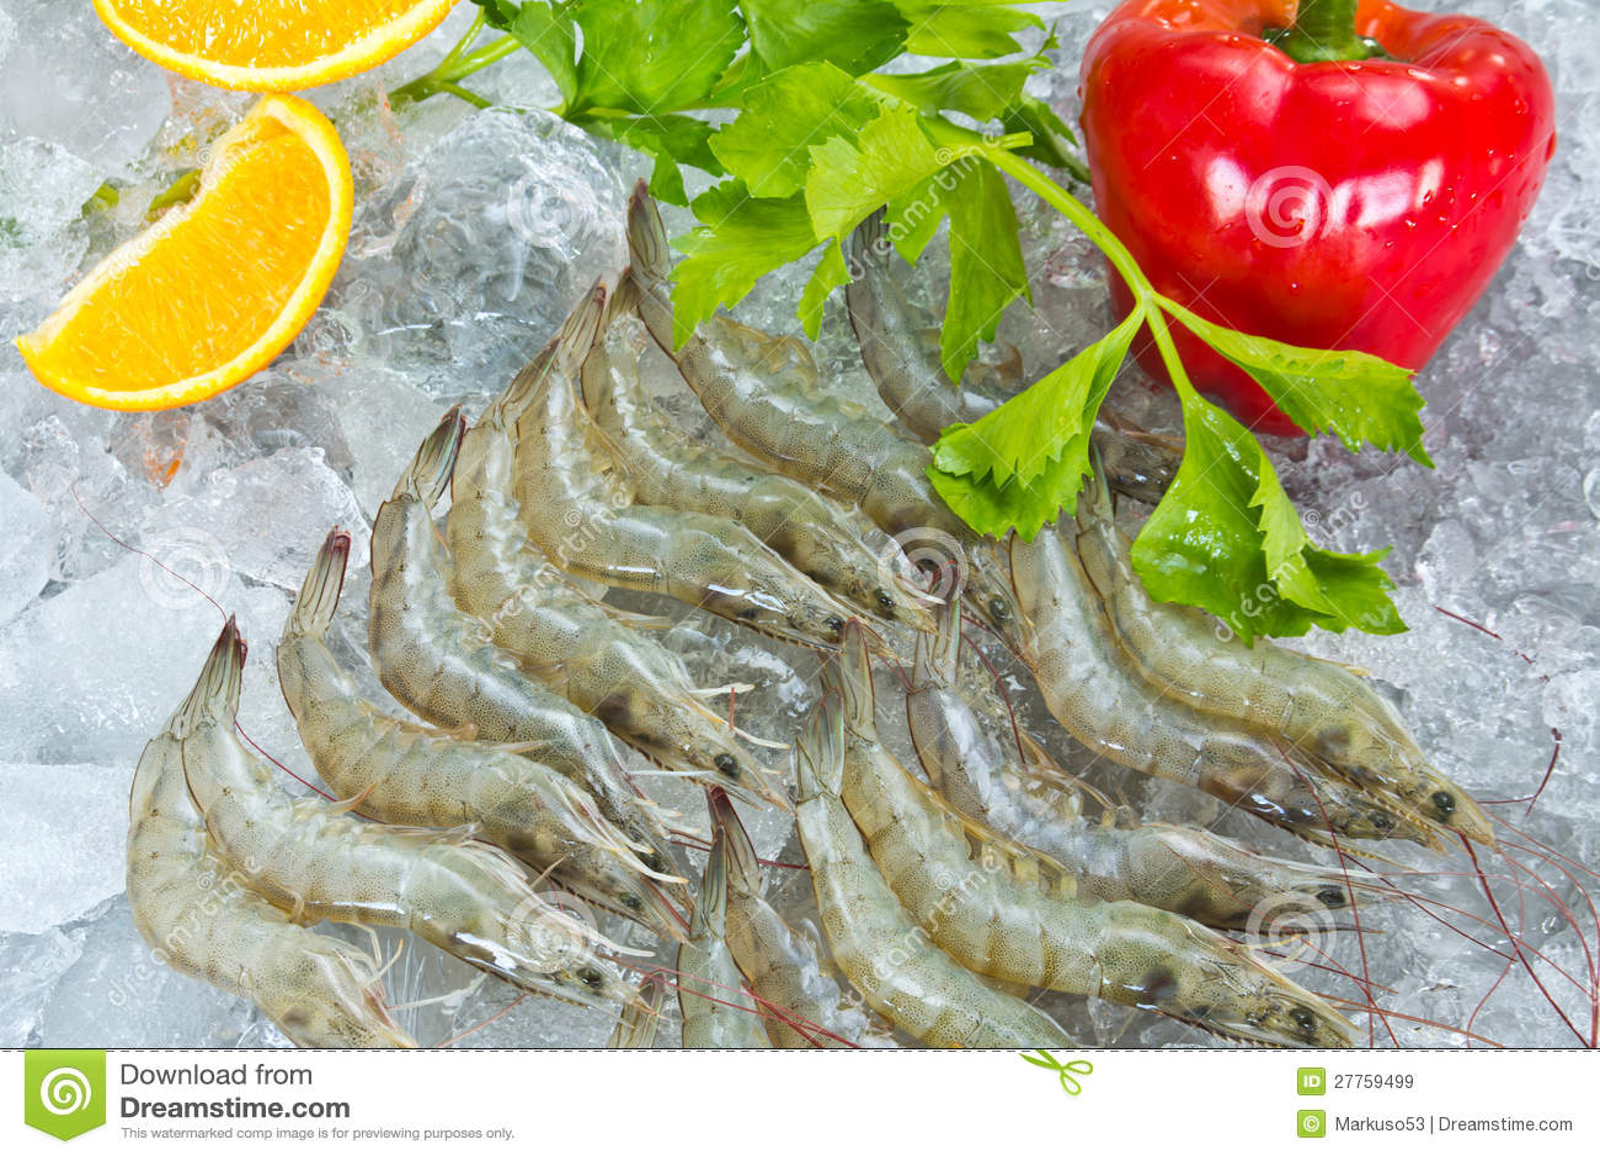 Crevettes et légumes blancs frais